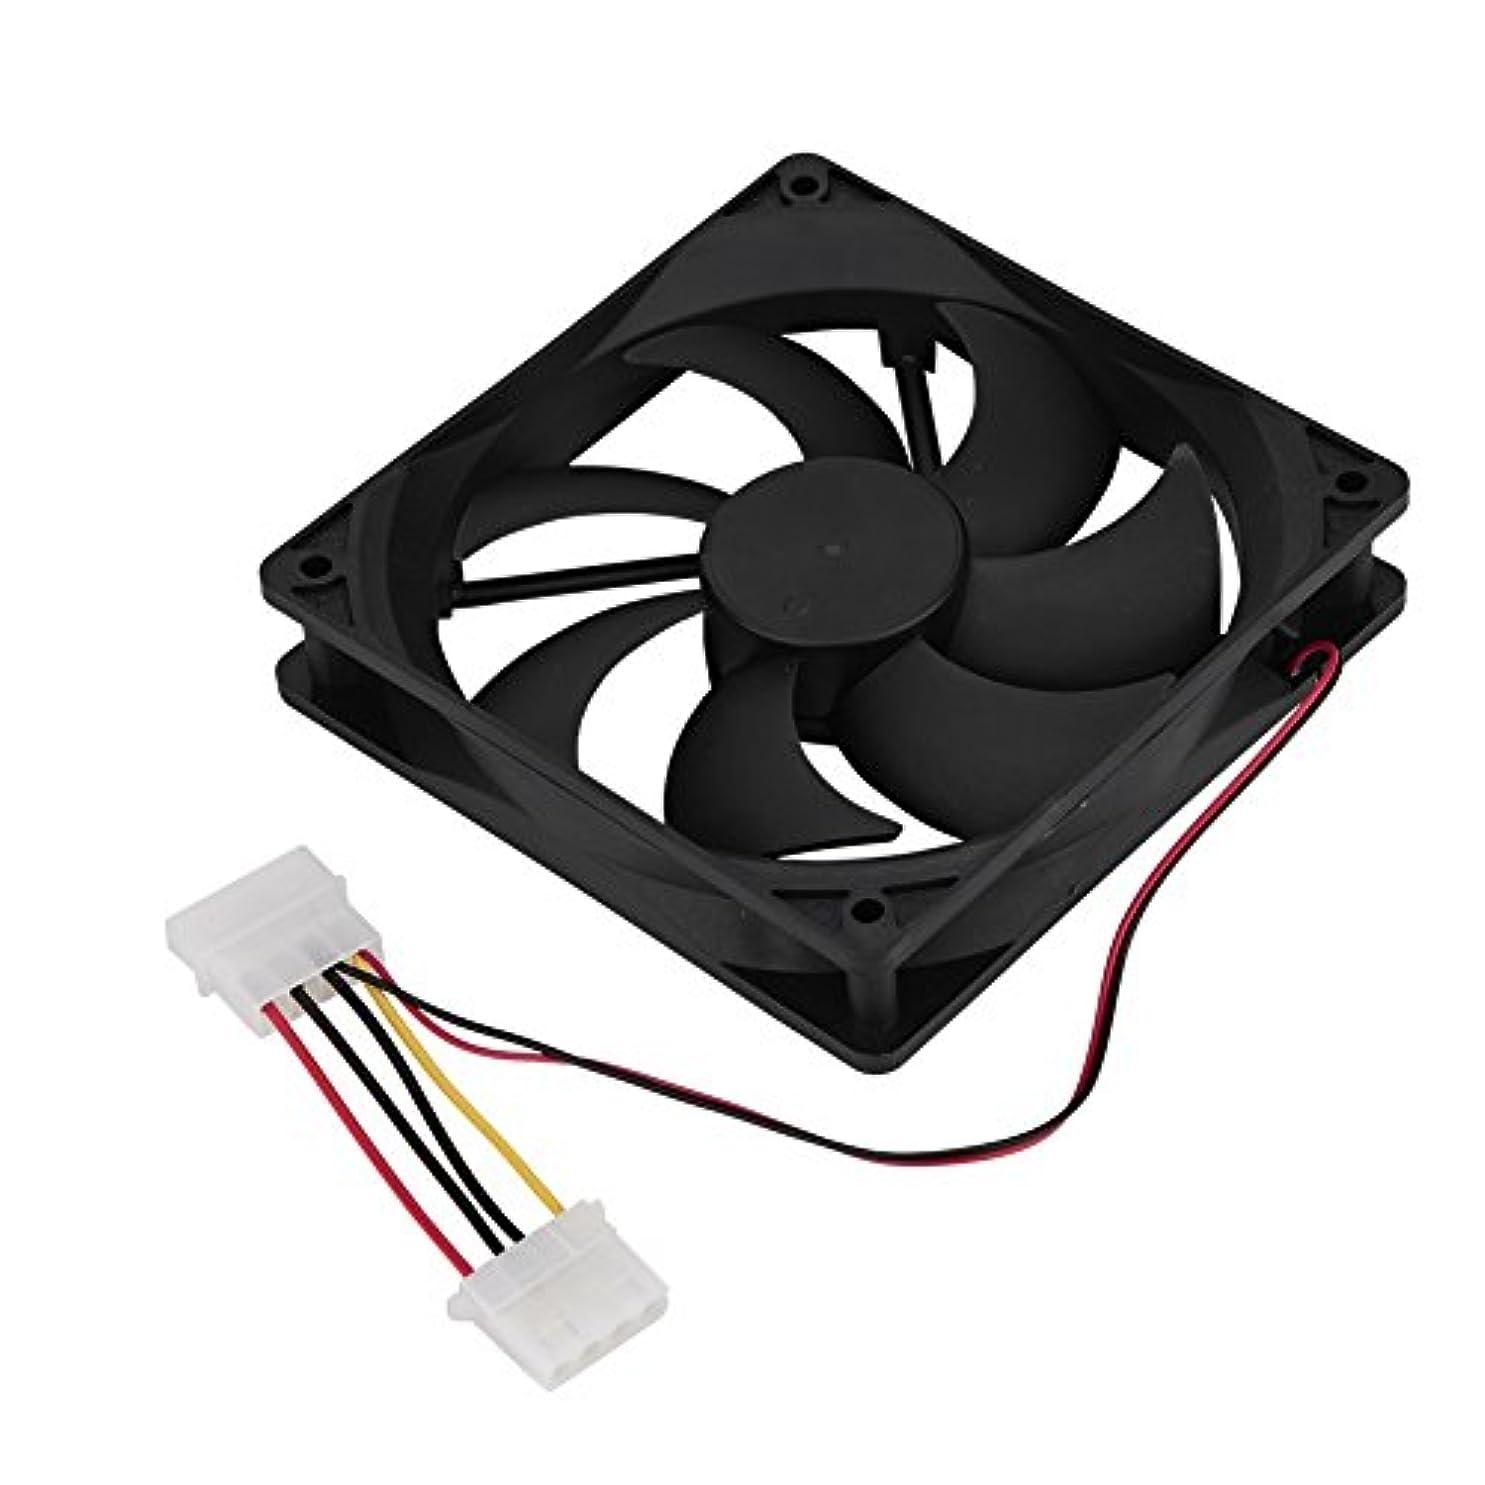 筋アクセスできない男PC冷却ファン2PCS 120mm 7ブレード高気流低ノイズ異なるデスクトップPC用の3ピン4ピン。(ダブルヘッド4pインターフェース)